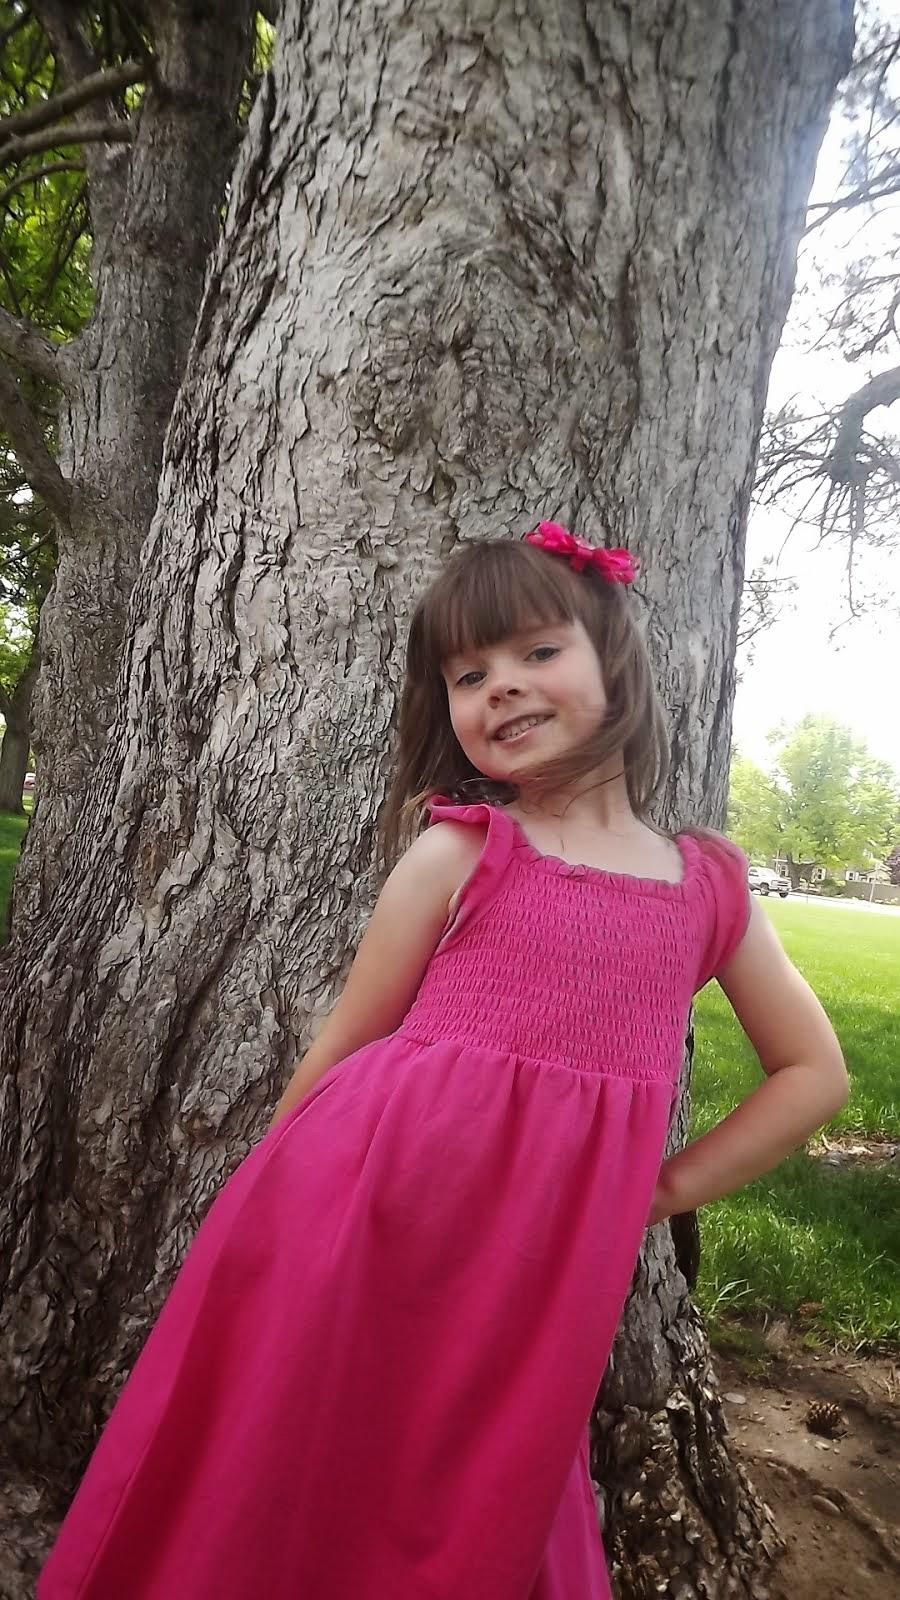 Alyssa age 5